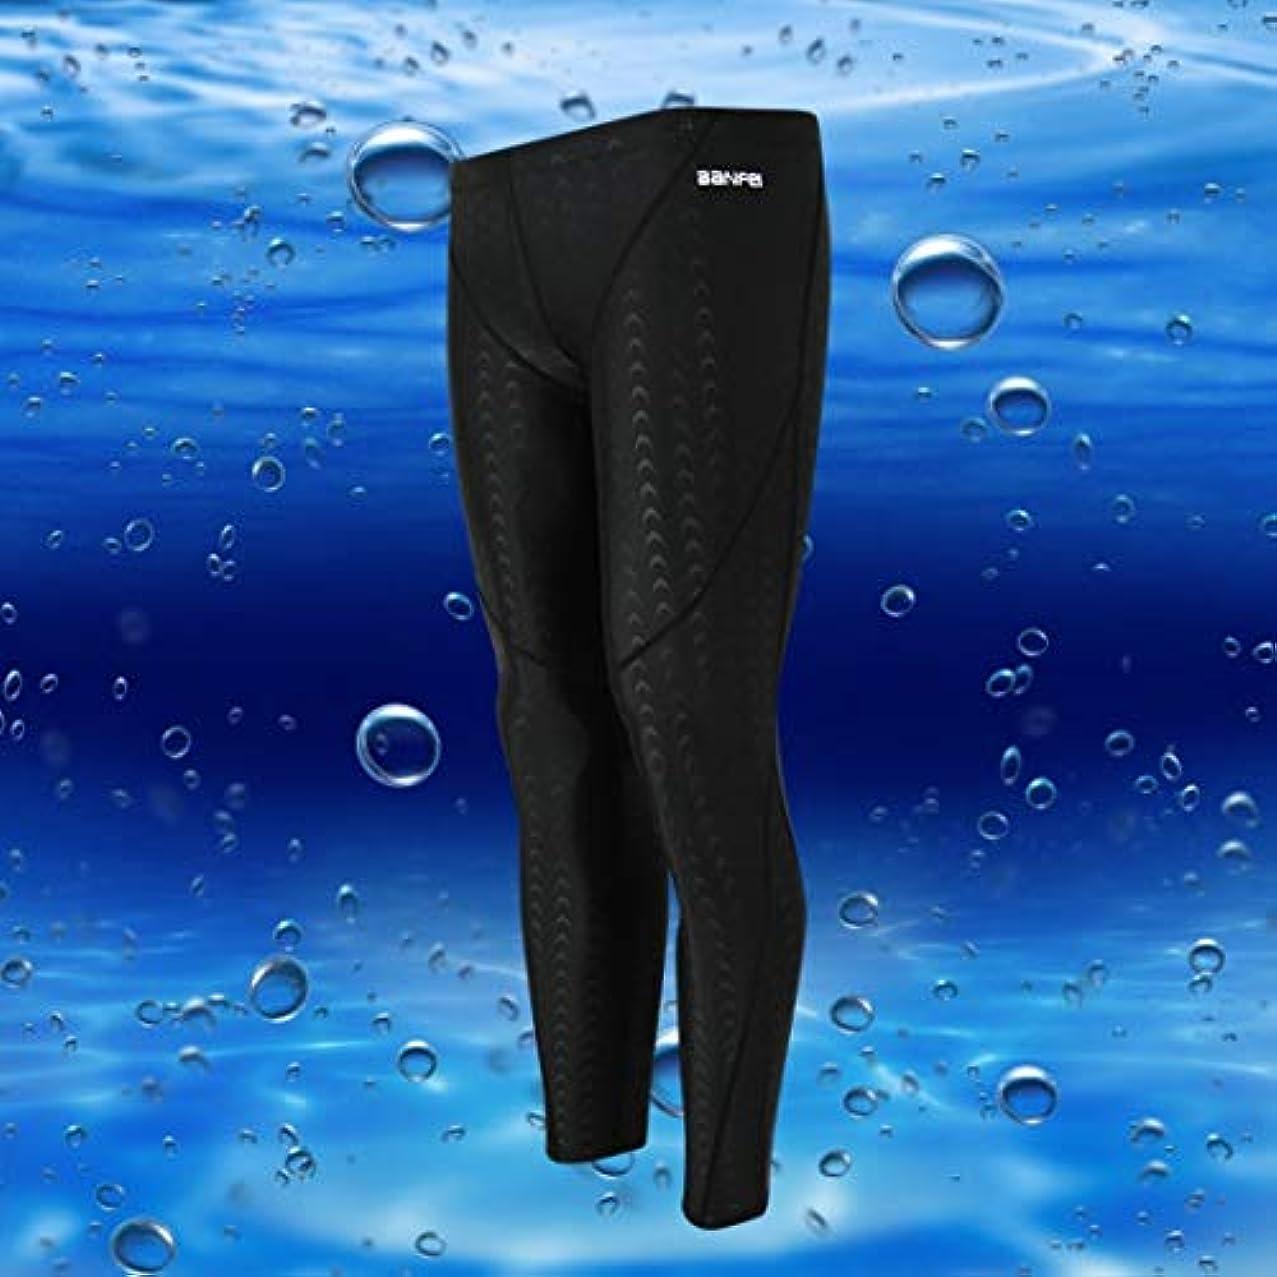 後ファンブルコードレスJOYS CLOTHING 防水速乾性の日焼け止めサメの皮の長い脚の競争の男性の水泳パンツ9ポイント冬の水泳ダイビングサーフィンのトランク (Color : Black black line, Size : XXXL)